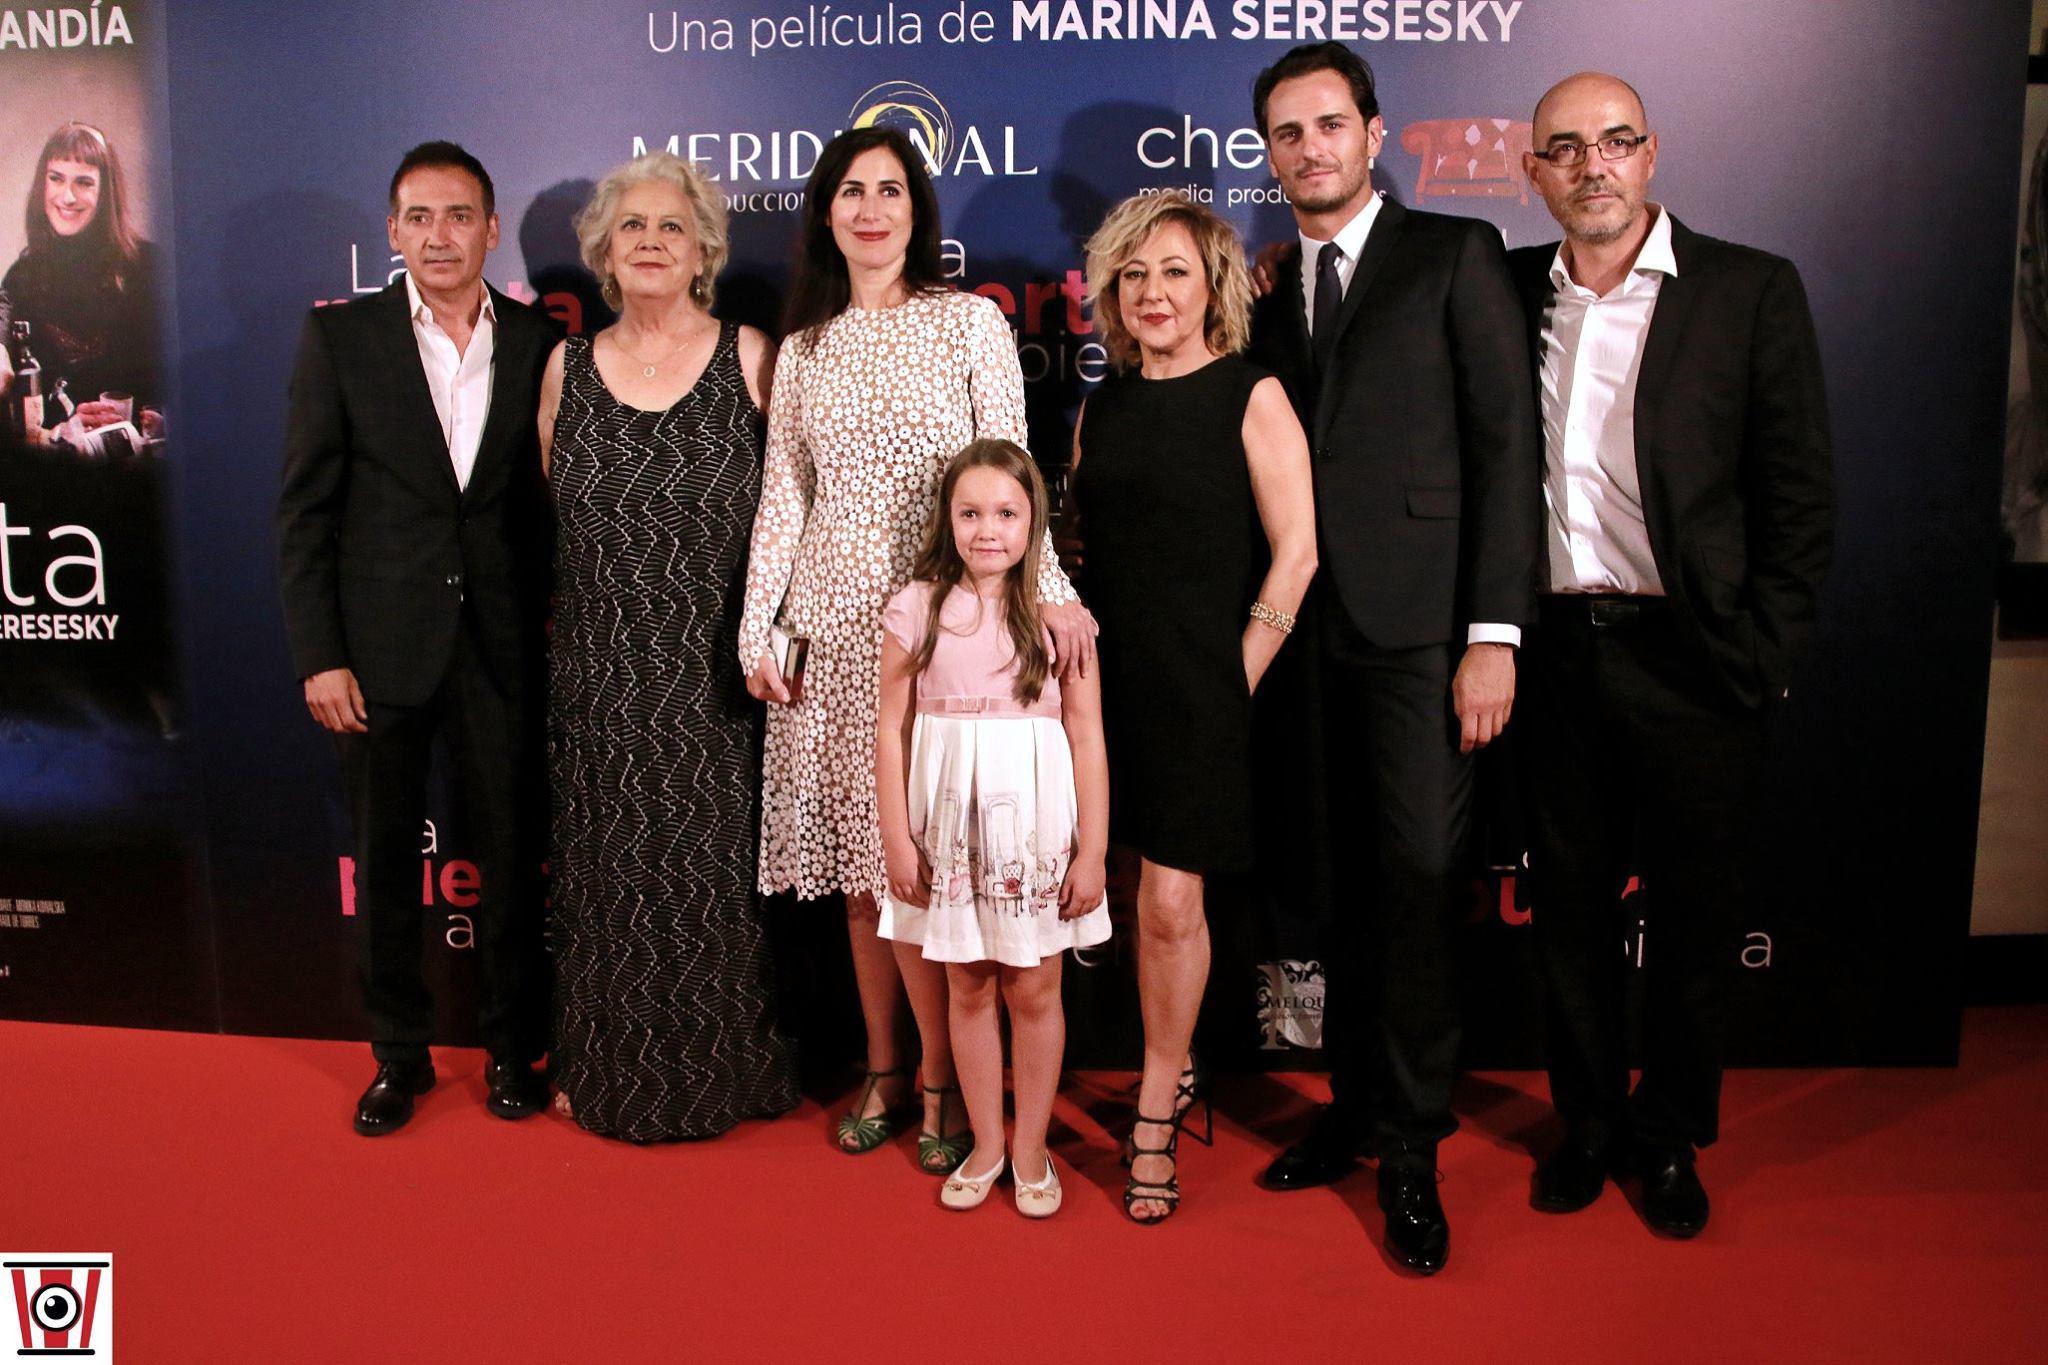 Álvaro Lavín, Terele Pávez, Marina Seresesky, Carmen Machi, Asier Etxeandia, and Lucía Balas at an event for La puerta abierta (2016)